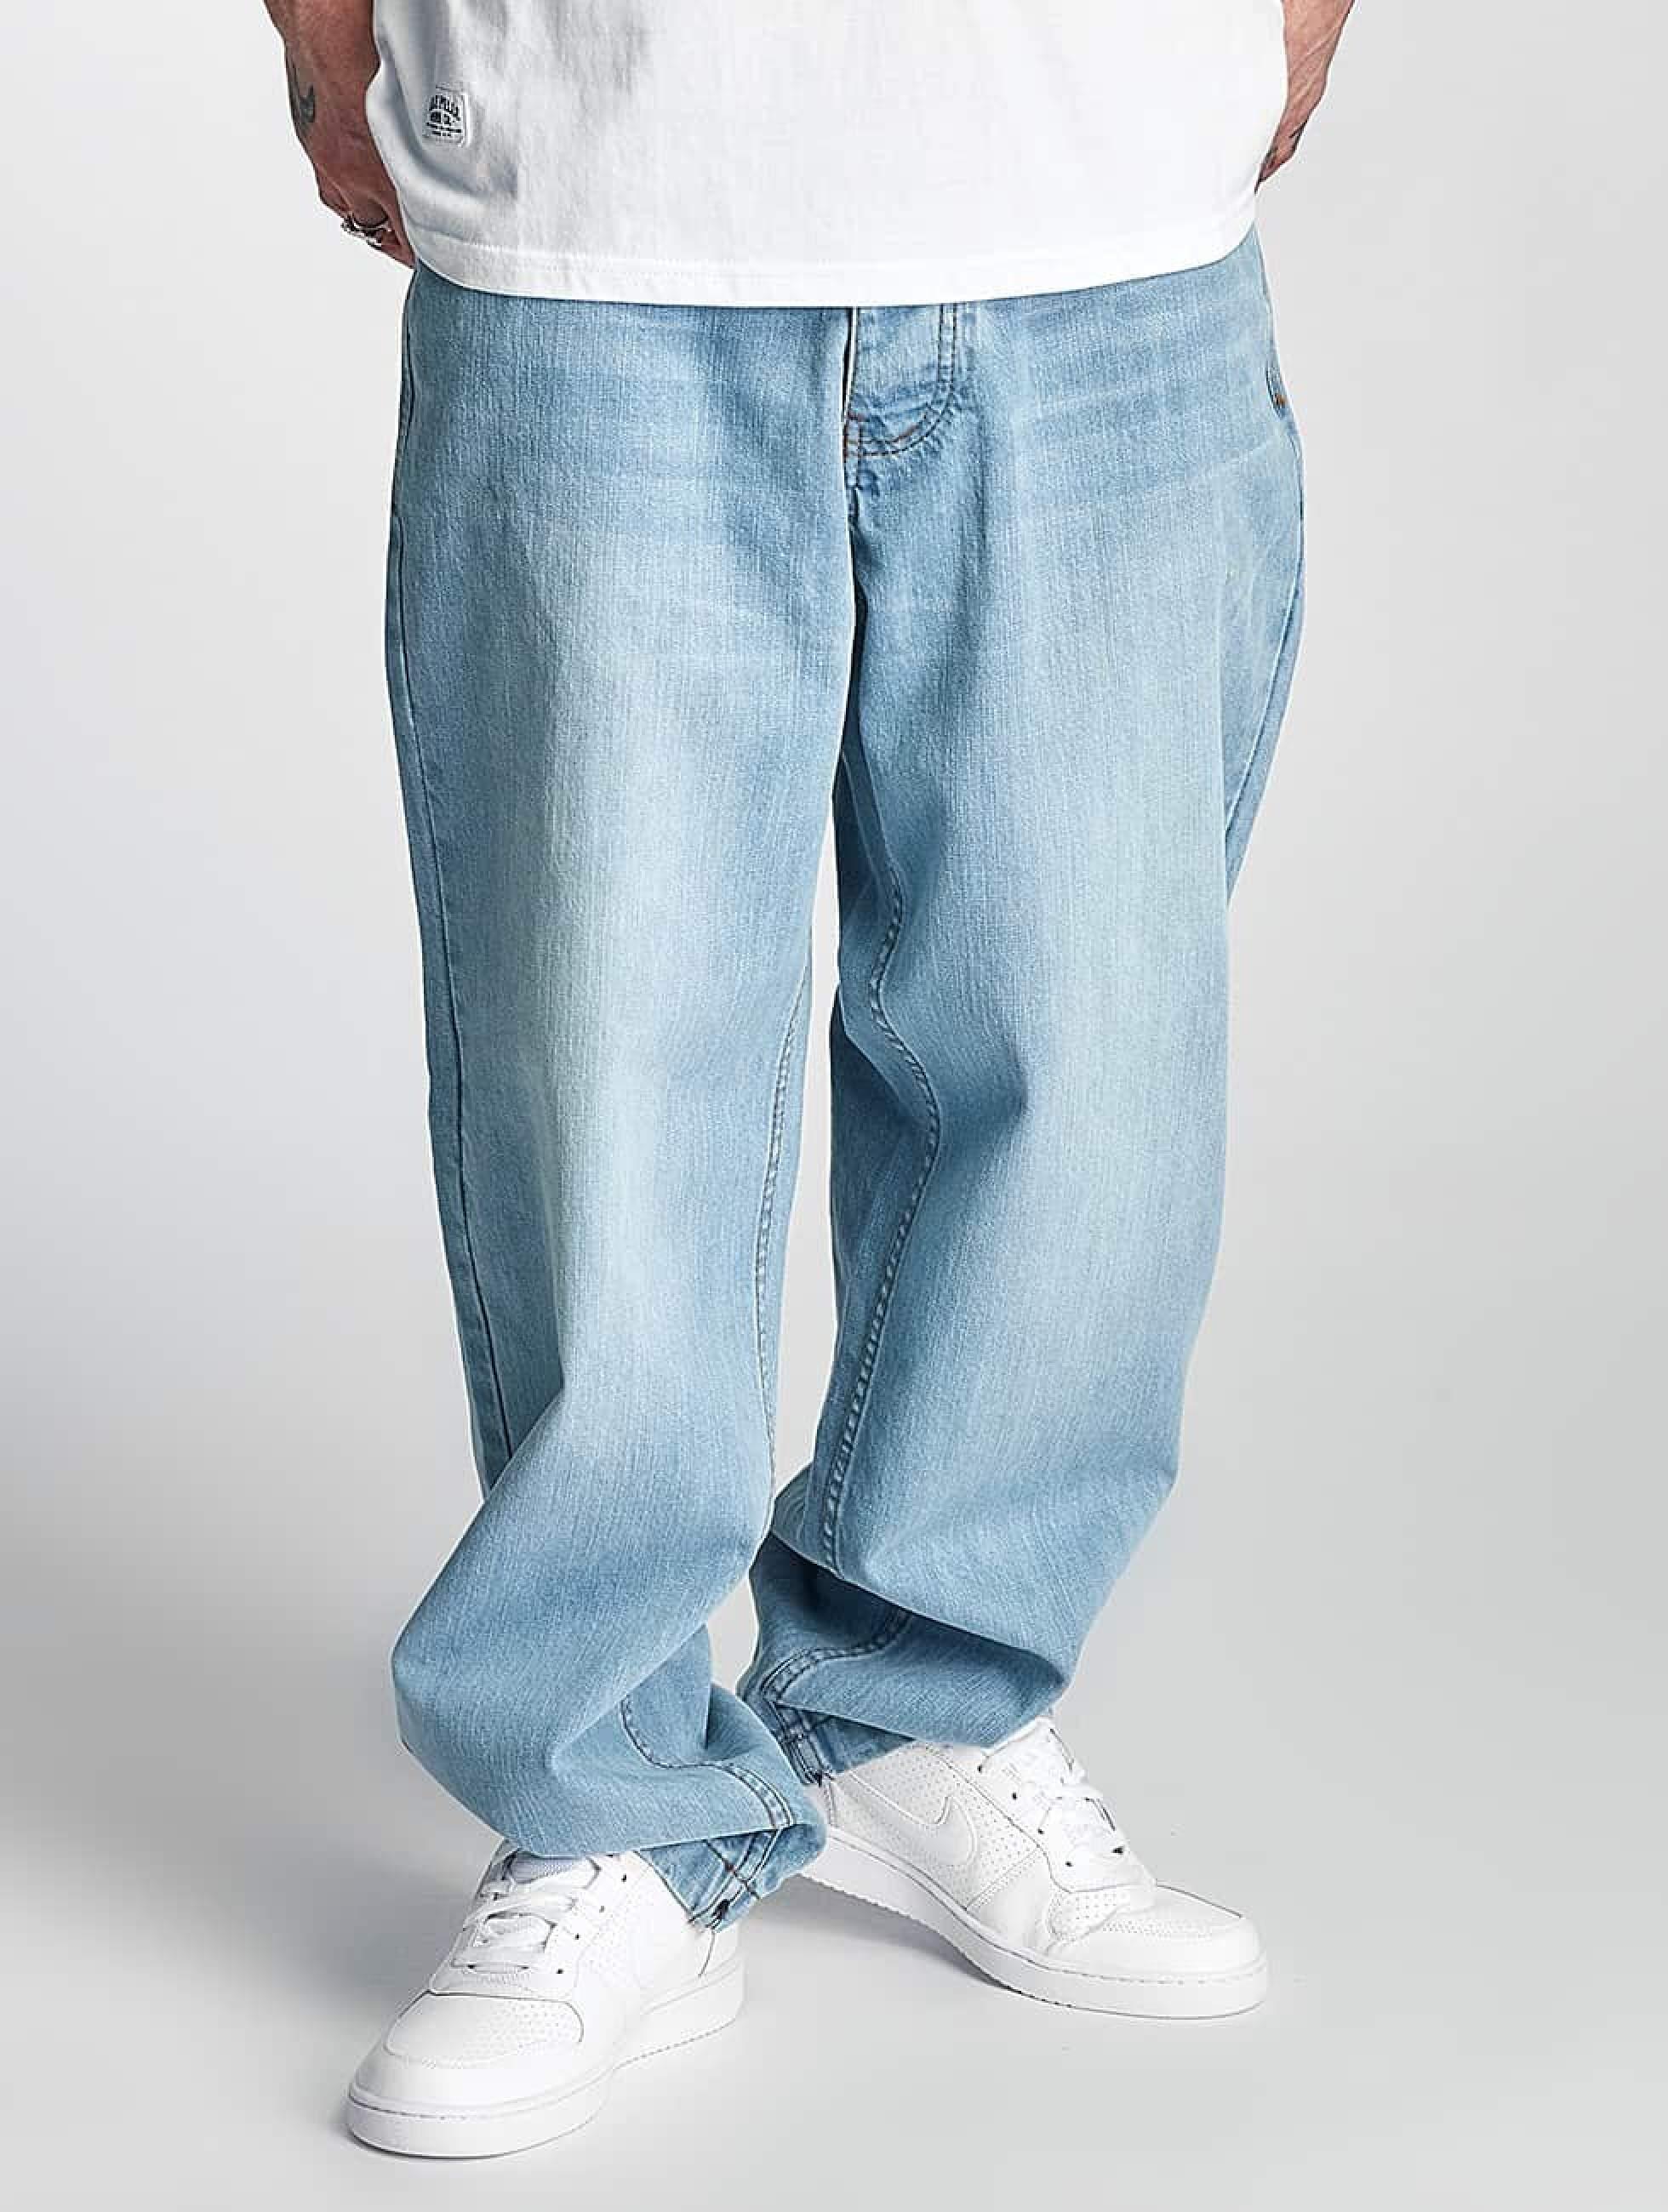 Rocawear / Baggy Botho in blue W 40